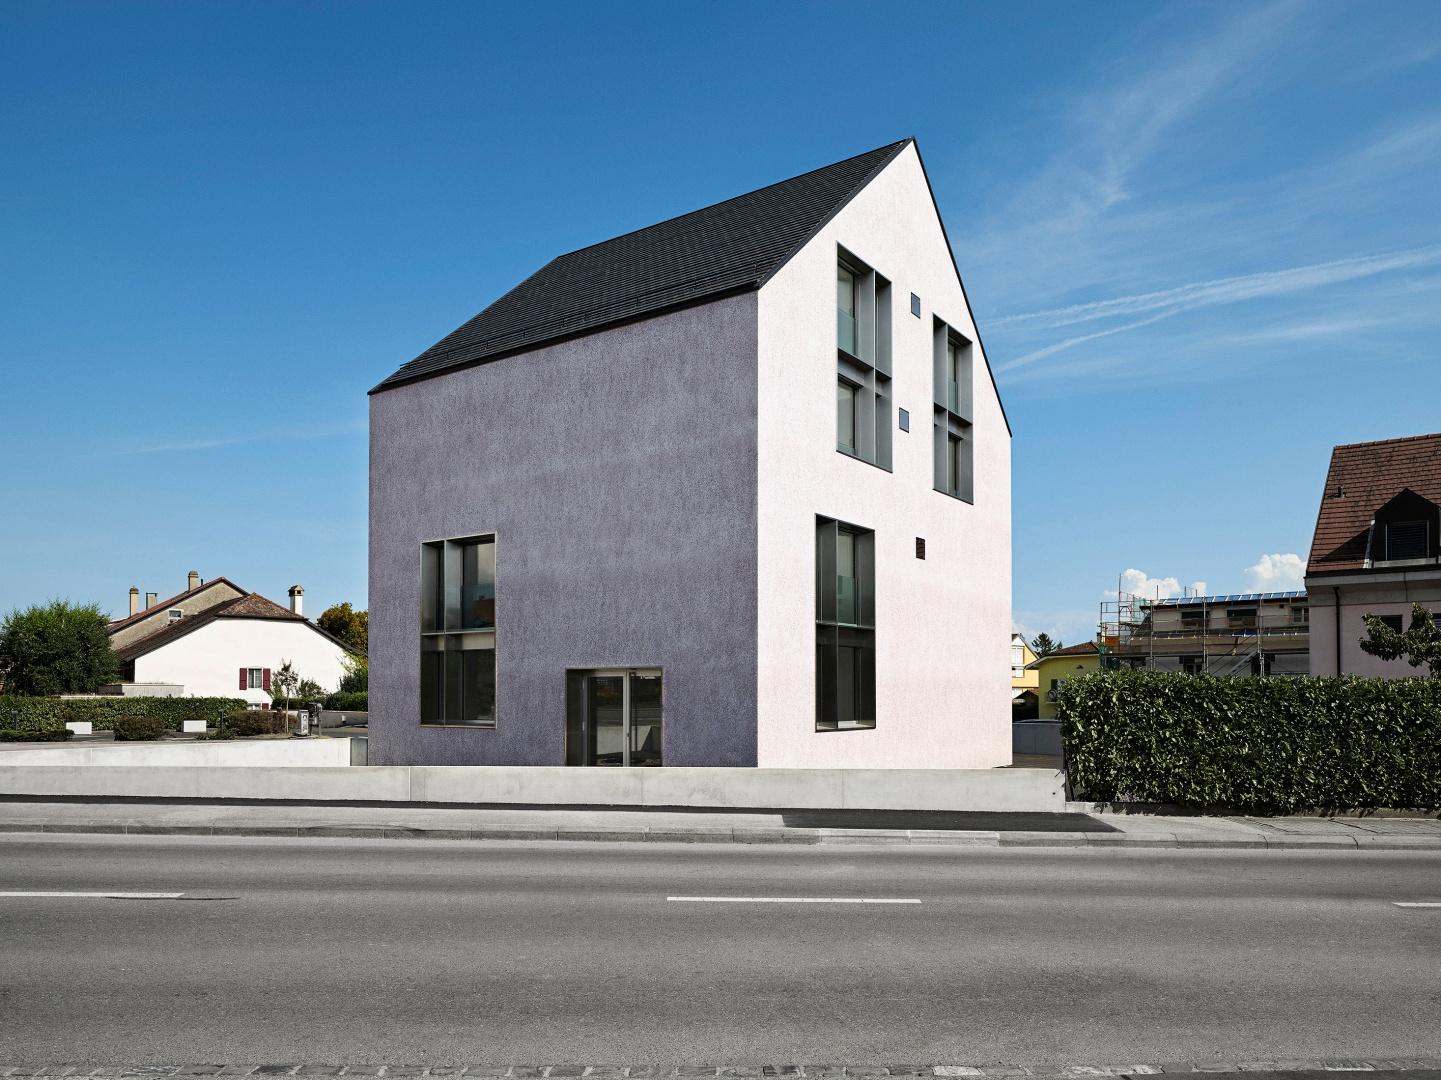 Die Geometrie des Gebäudes erhält die Erinnerung an das ehemalige Einfamilienhaus aufrecht und ist von Kinderzeichnungen inspiriert, indem sie das in der kollektiven Vorstellung verankerte Thema «Häuschen» neu interpretiert. © Collin Fontaine